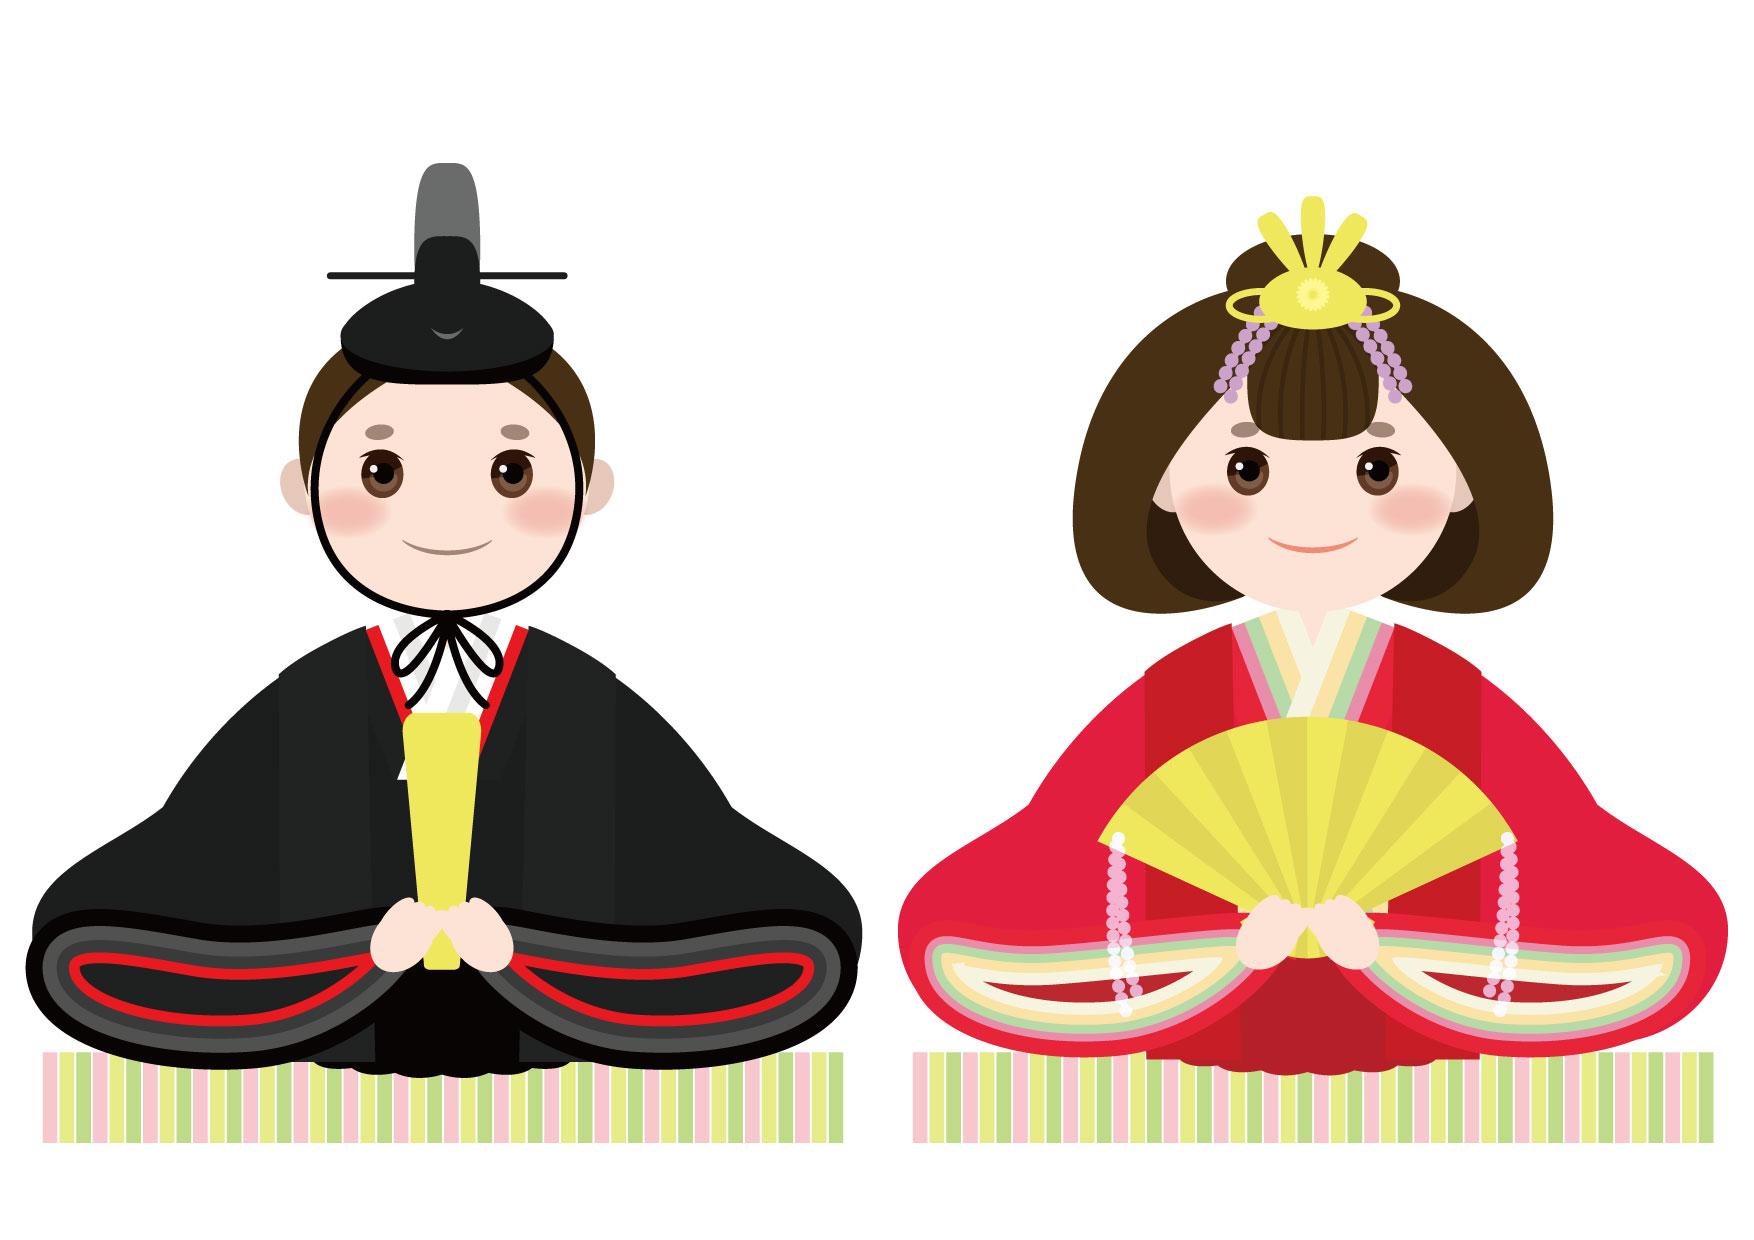 可愛いイラスト無料|お雛様 お内裏様 − free illustration Hinamatsuri Dolls